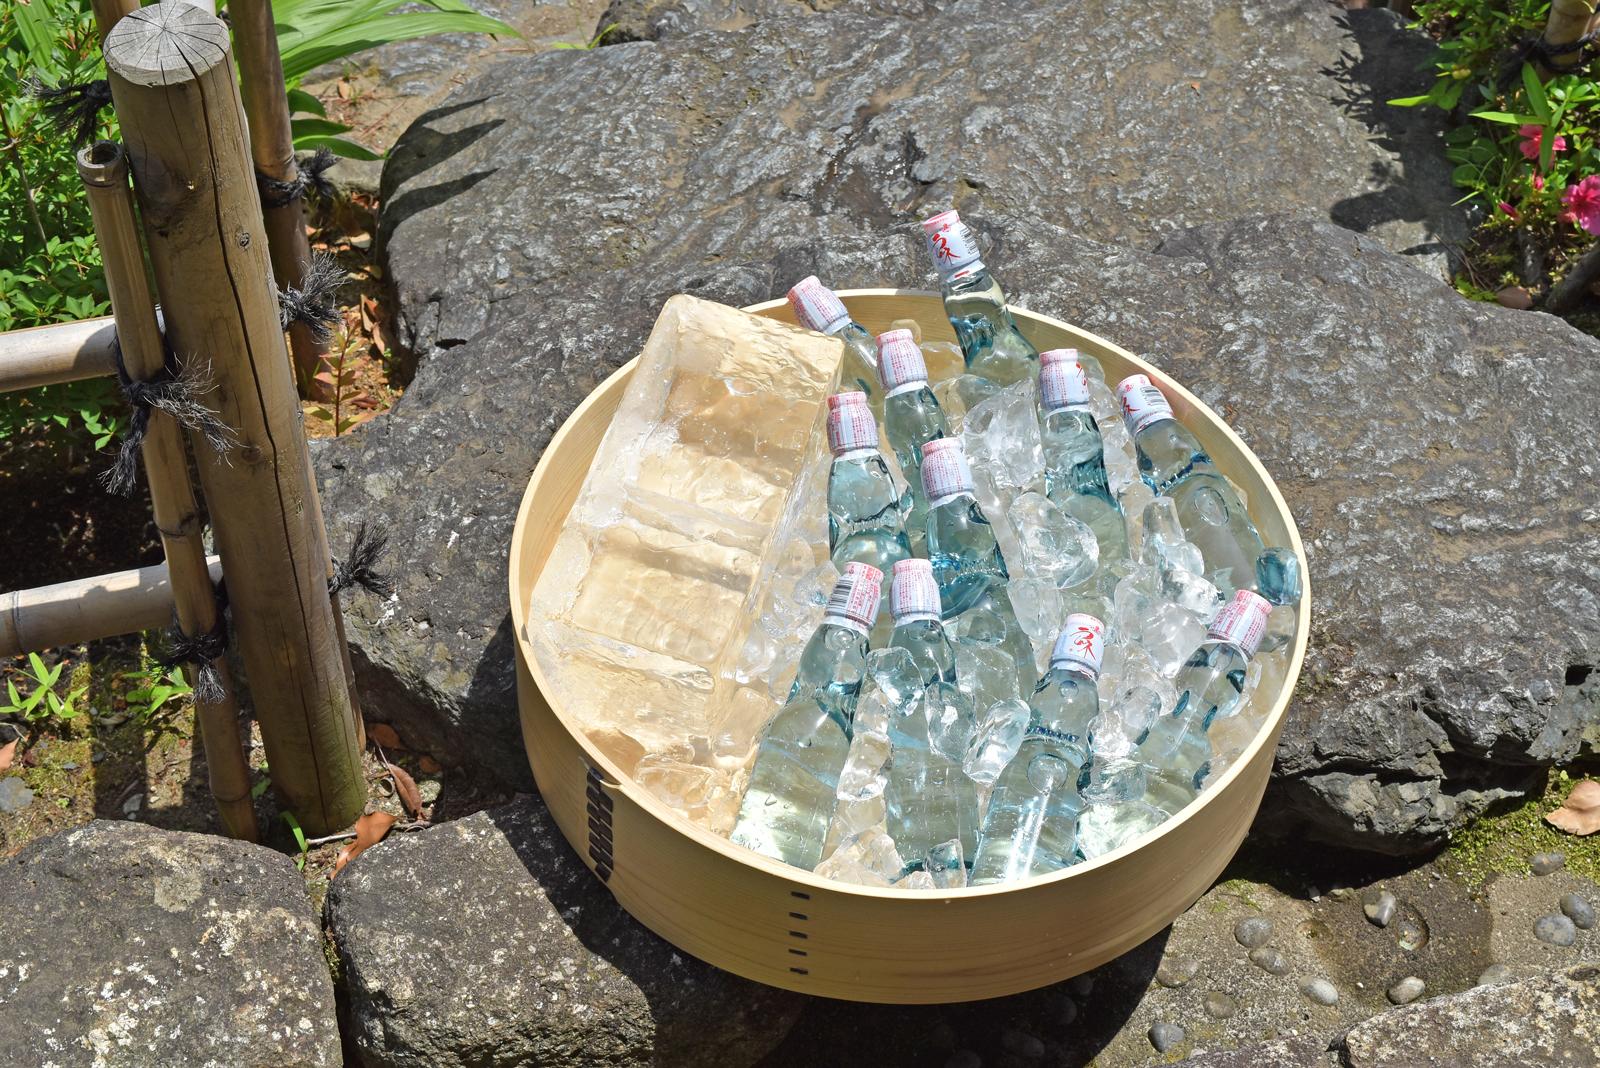 ★限定生産品★曲げわっぱのたらい桶【ナチュラル】日本製の大きい桶に氷を入れて、ラムネやお酒、野菜などをディスプレイするとおしゃれに!お庭やテラスで、BBQやパーティなどの集まりなどに。居酒屋さんなどのお店の演出にもおすすめです。